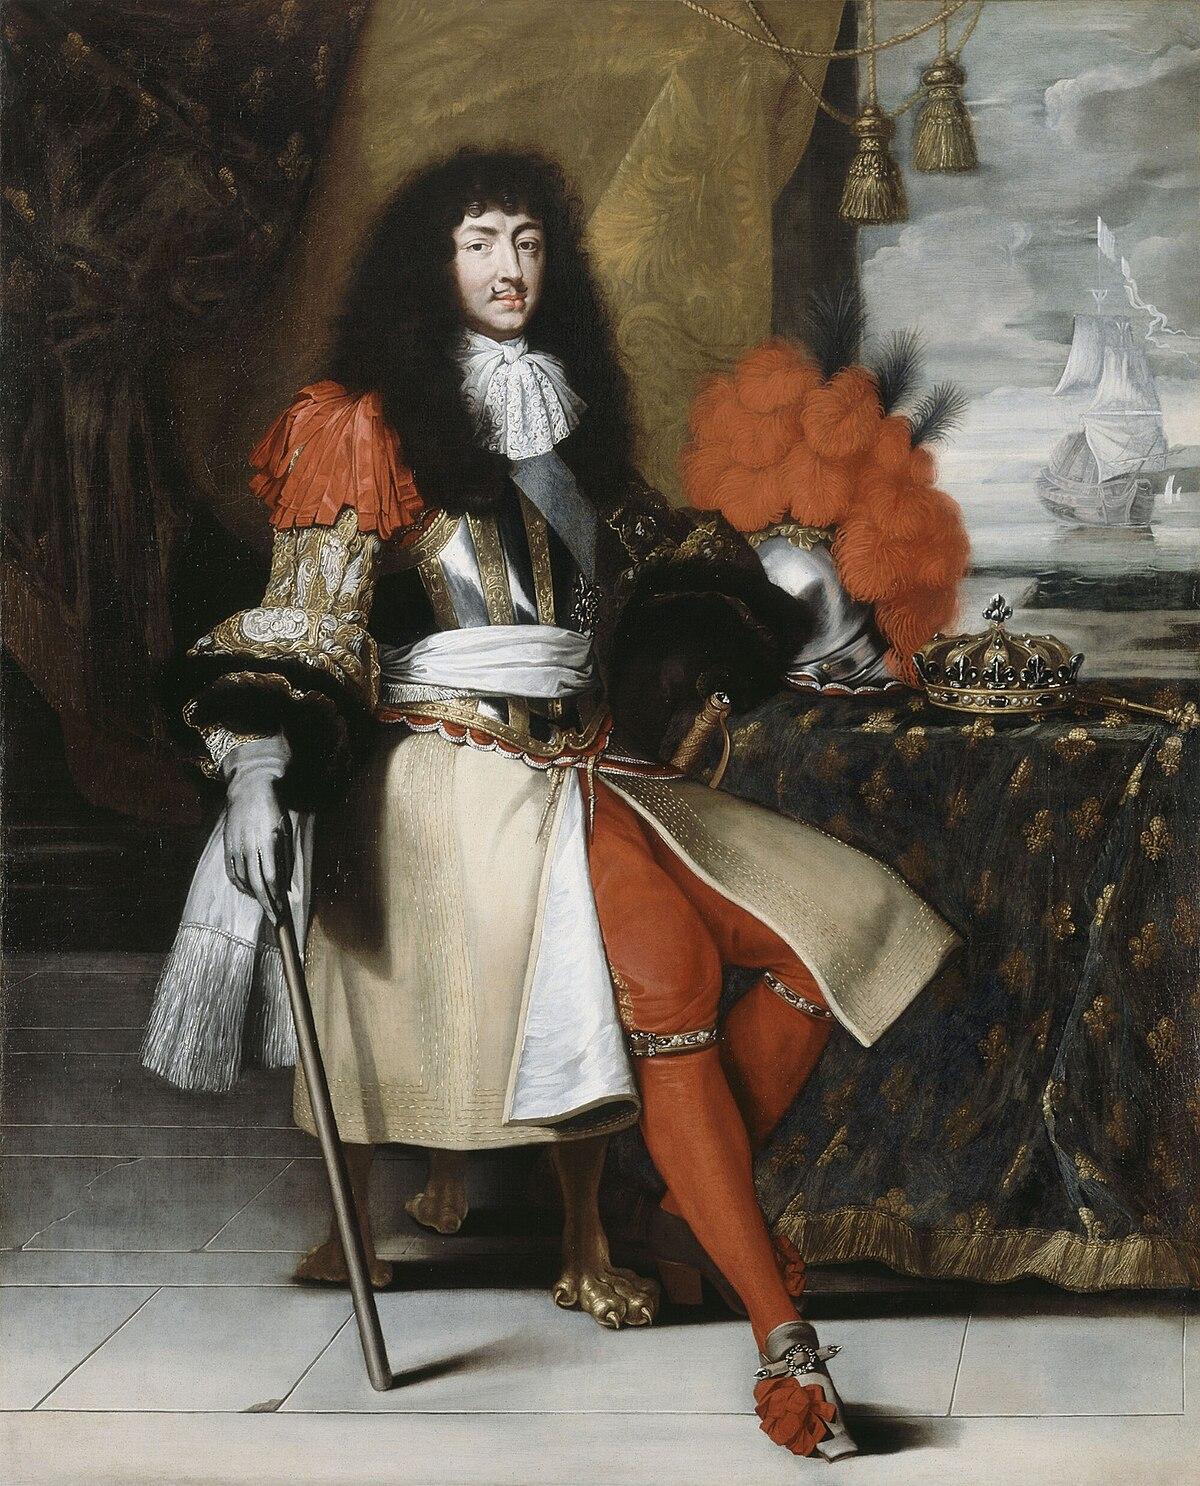 Fichier:Louis XIV, King of France, after Lefebvre - Les collections du château de Versailles.jpg — Wikipédia